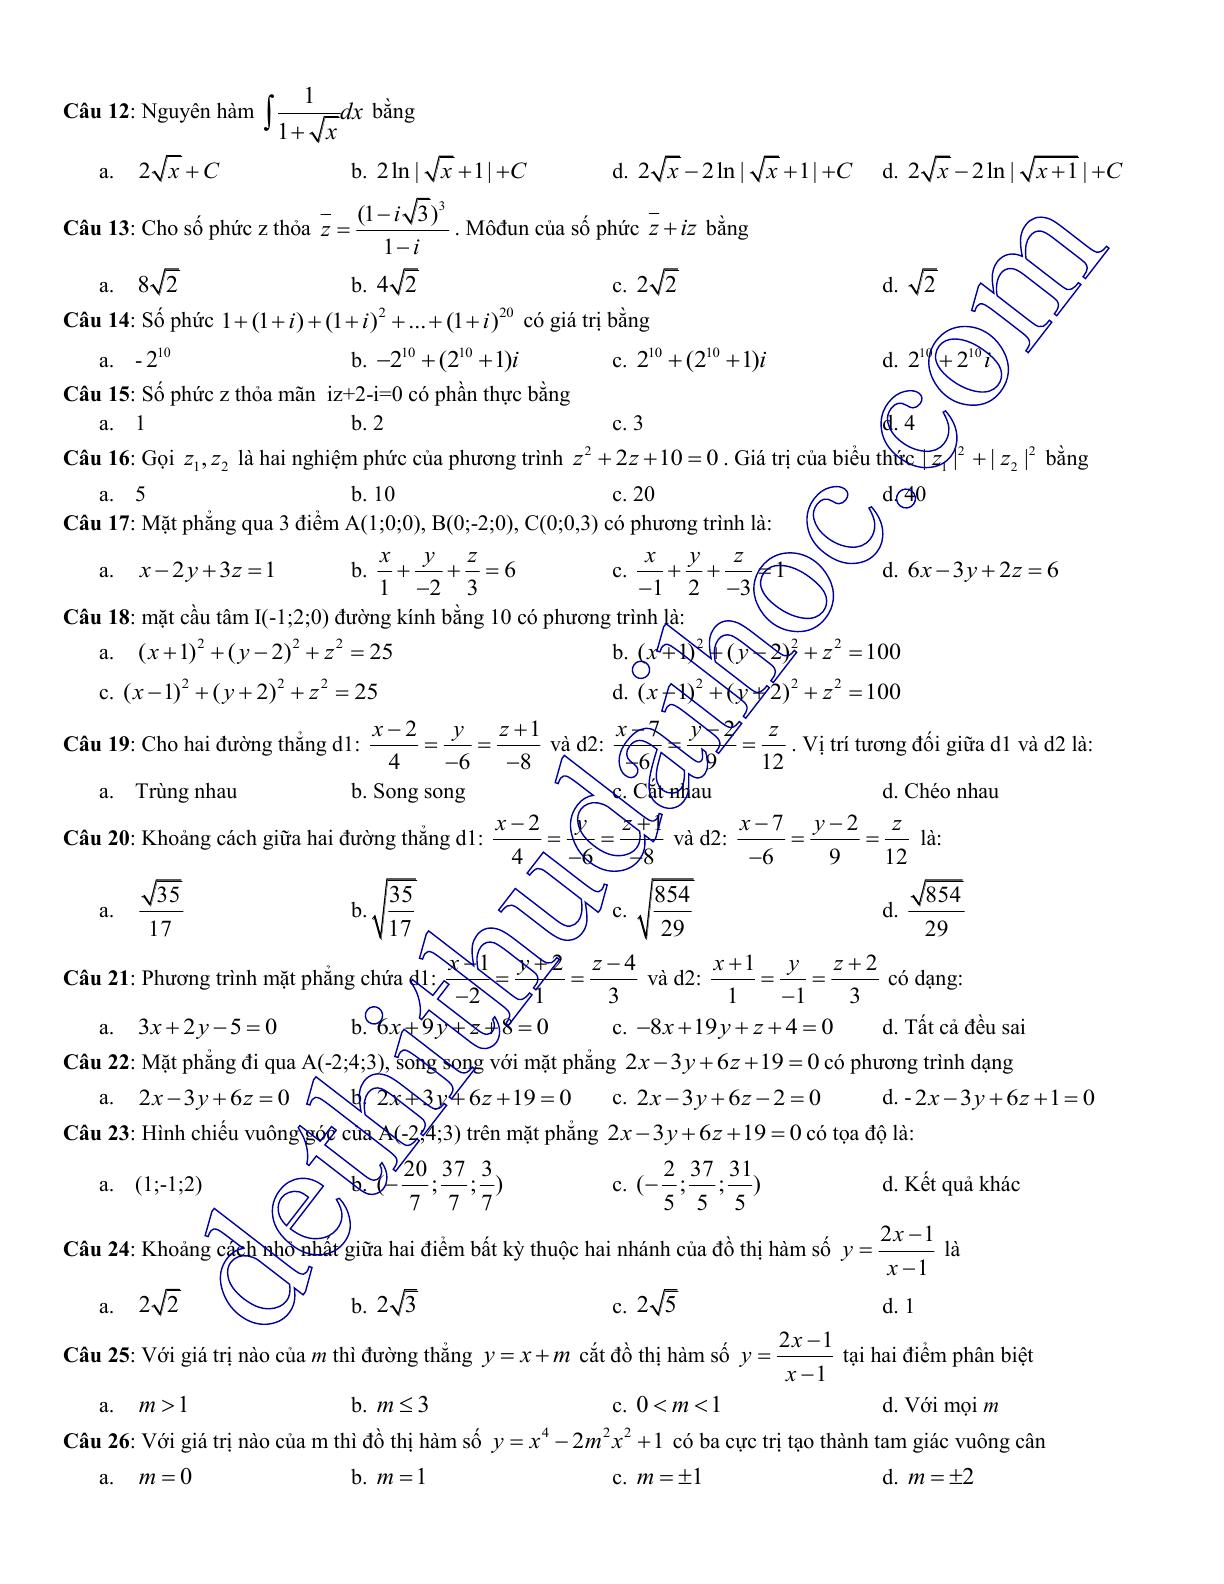 đề thi thử trắc nghiệm toán 2017